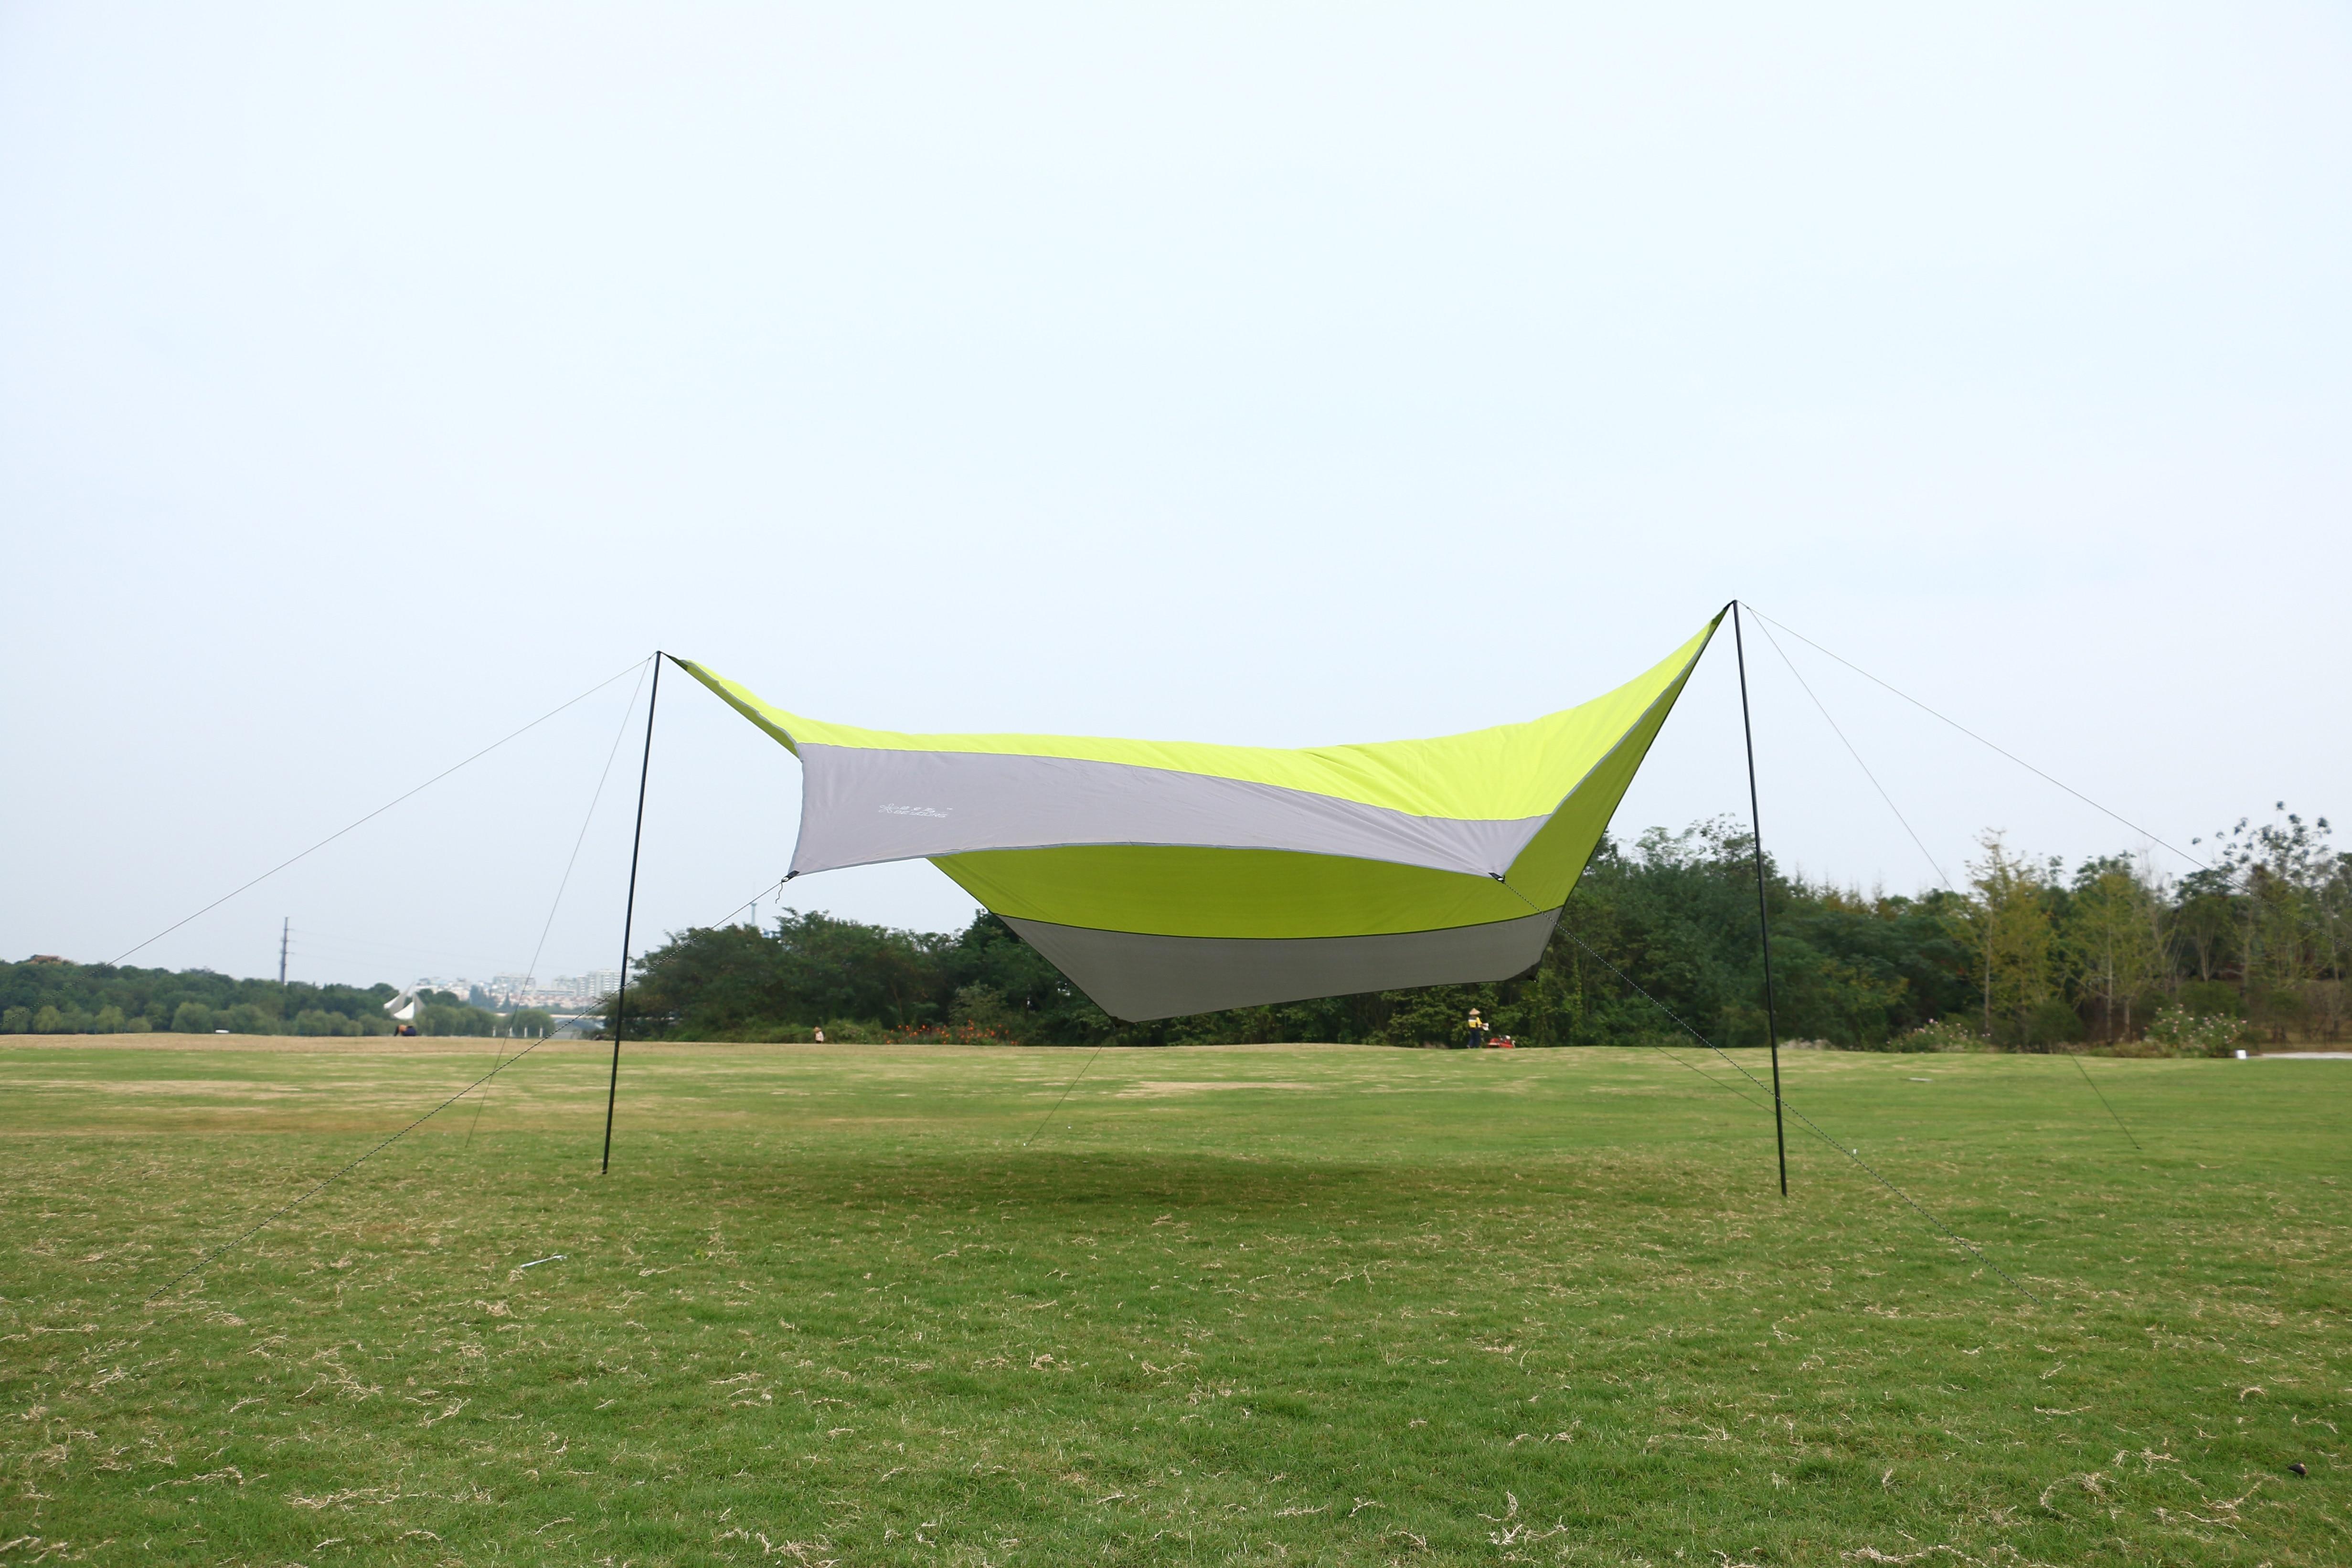 Outdoor zonwering doek voor 5 mensen chatten en thee 5 meter open maat gebruikt in camping en picknick, gratis verzending - 2